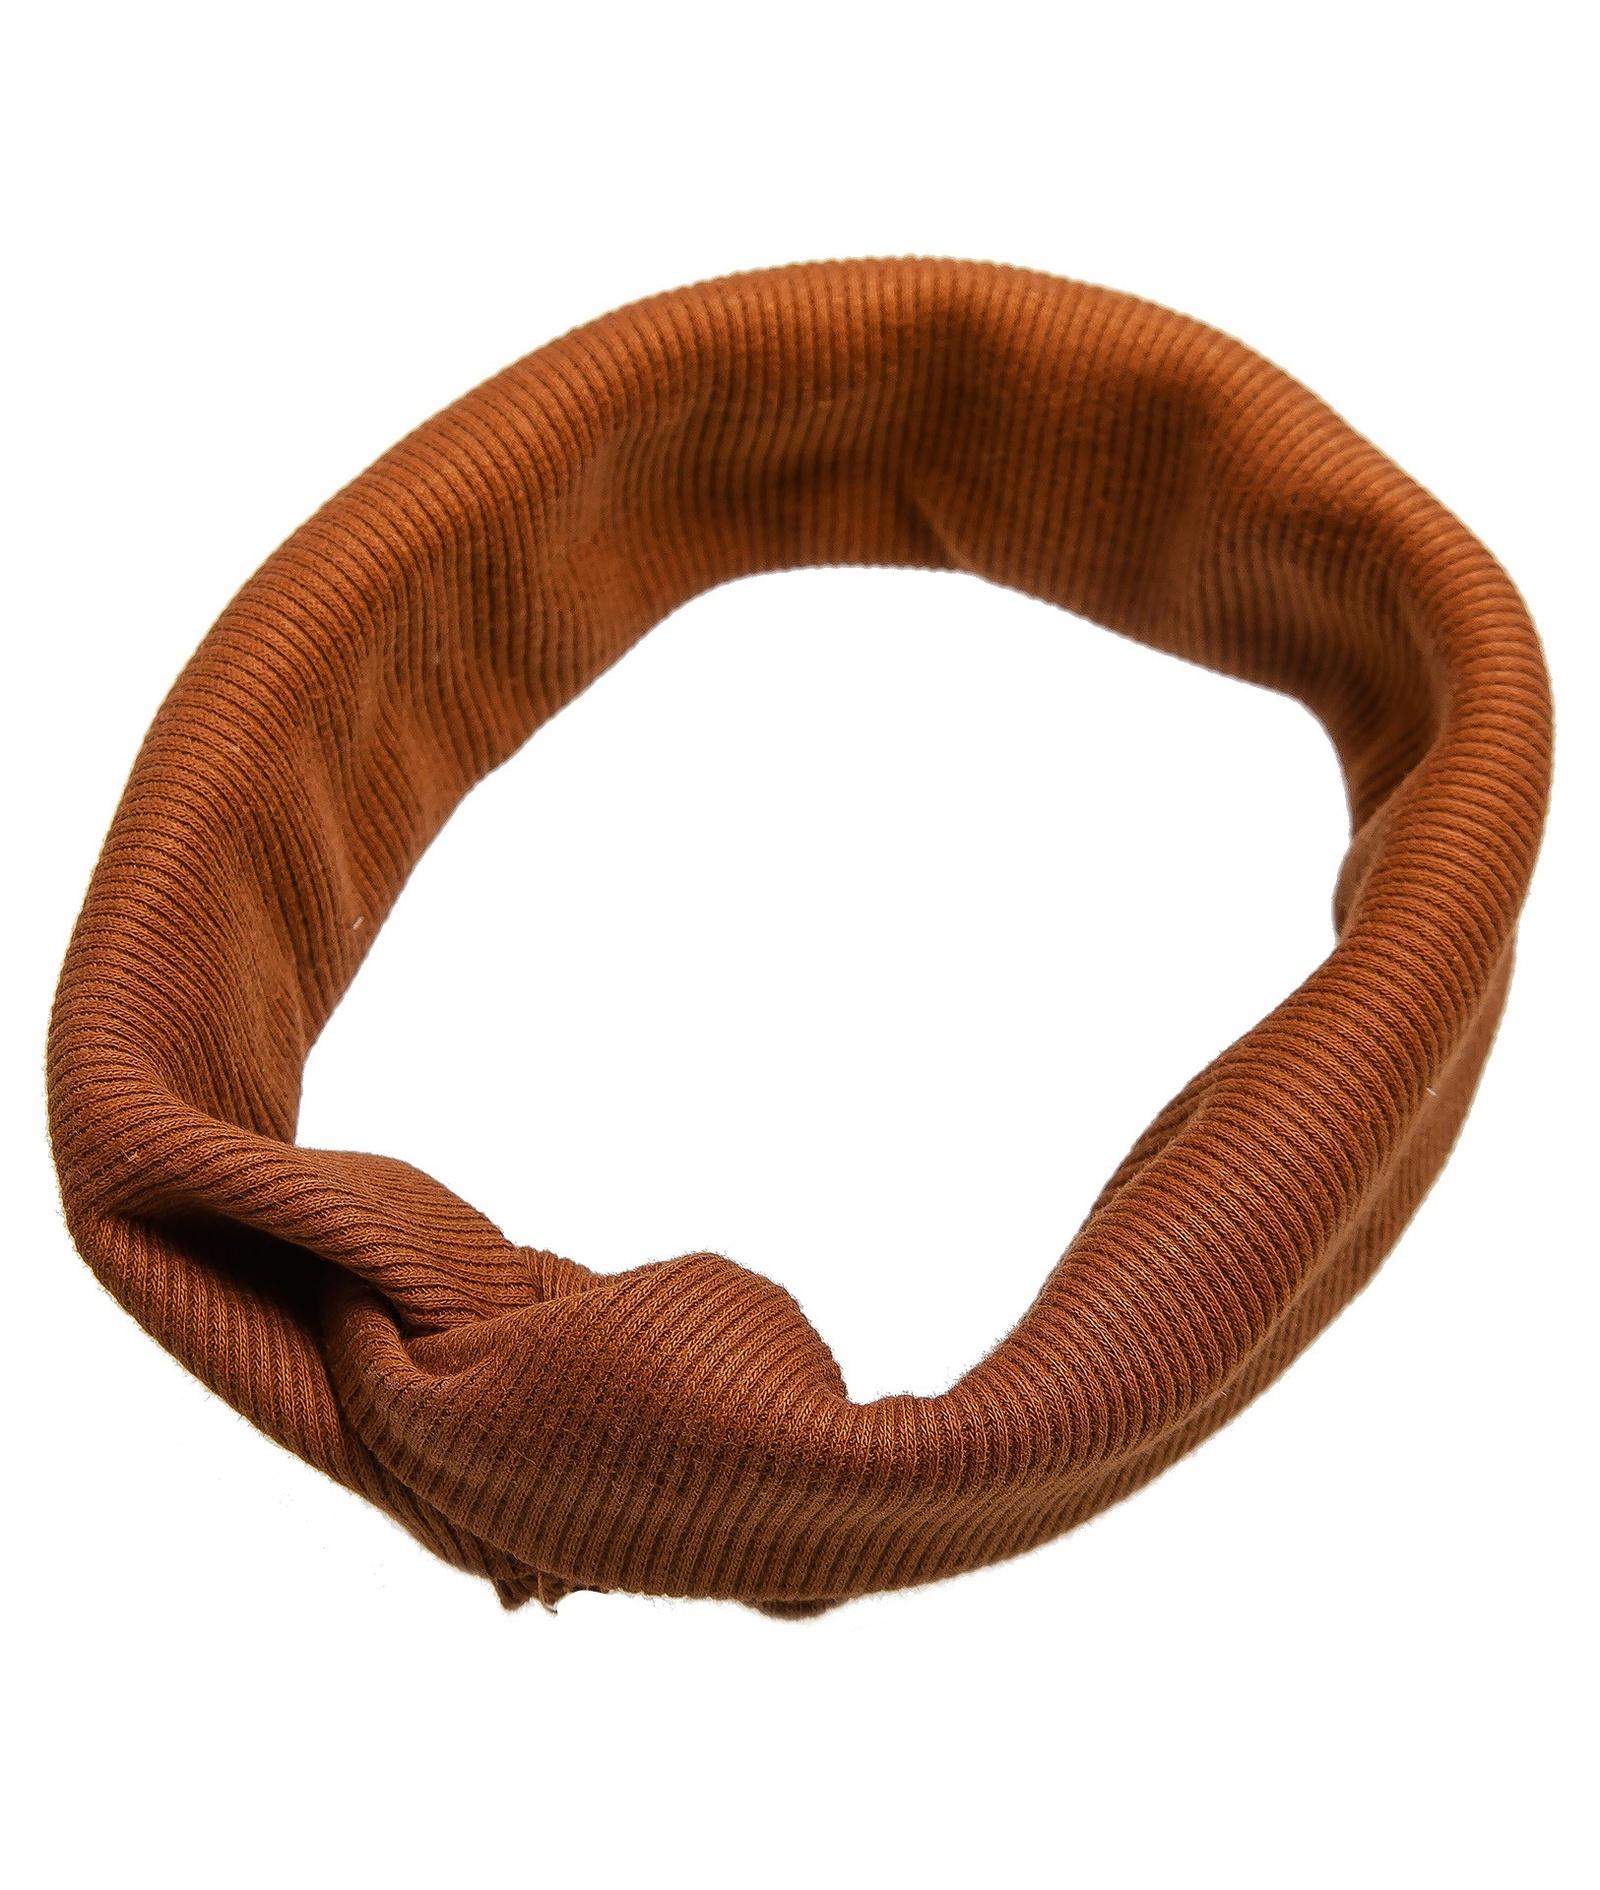 Повязка Aiyony Macie, коричневый, 42 х 9 см, AH810075AH810075Размер 42 х 9 см. Растягивается. Состав: текстиль